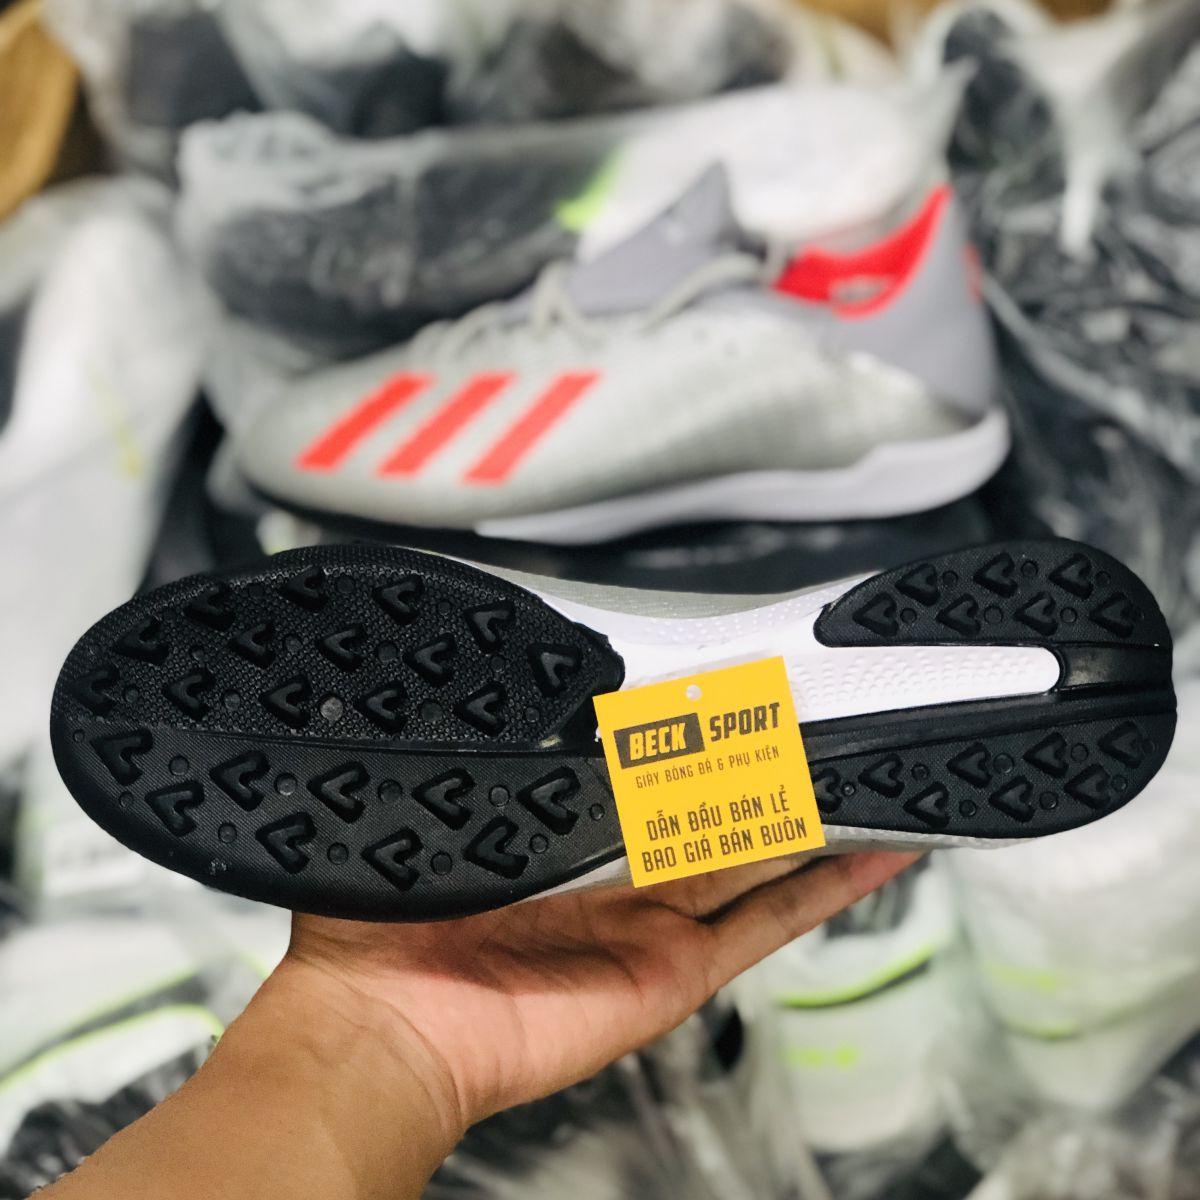 Giày Bóng Đá Adidas X 19.3 Xám Vạch Đỏ Đế Đen TF